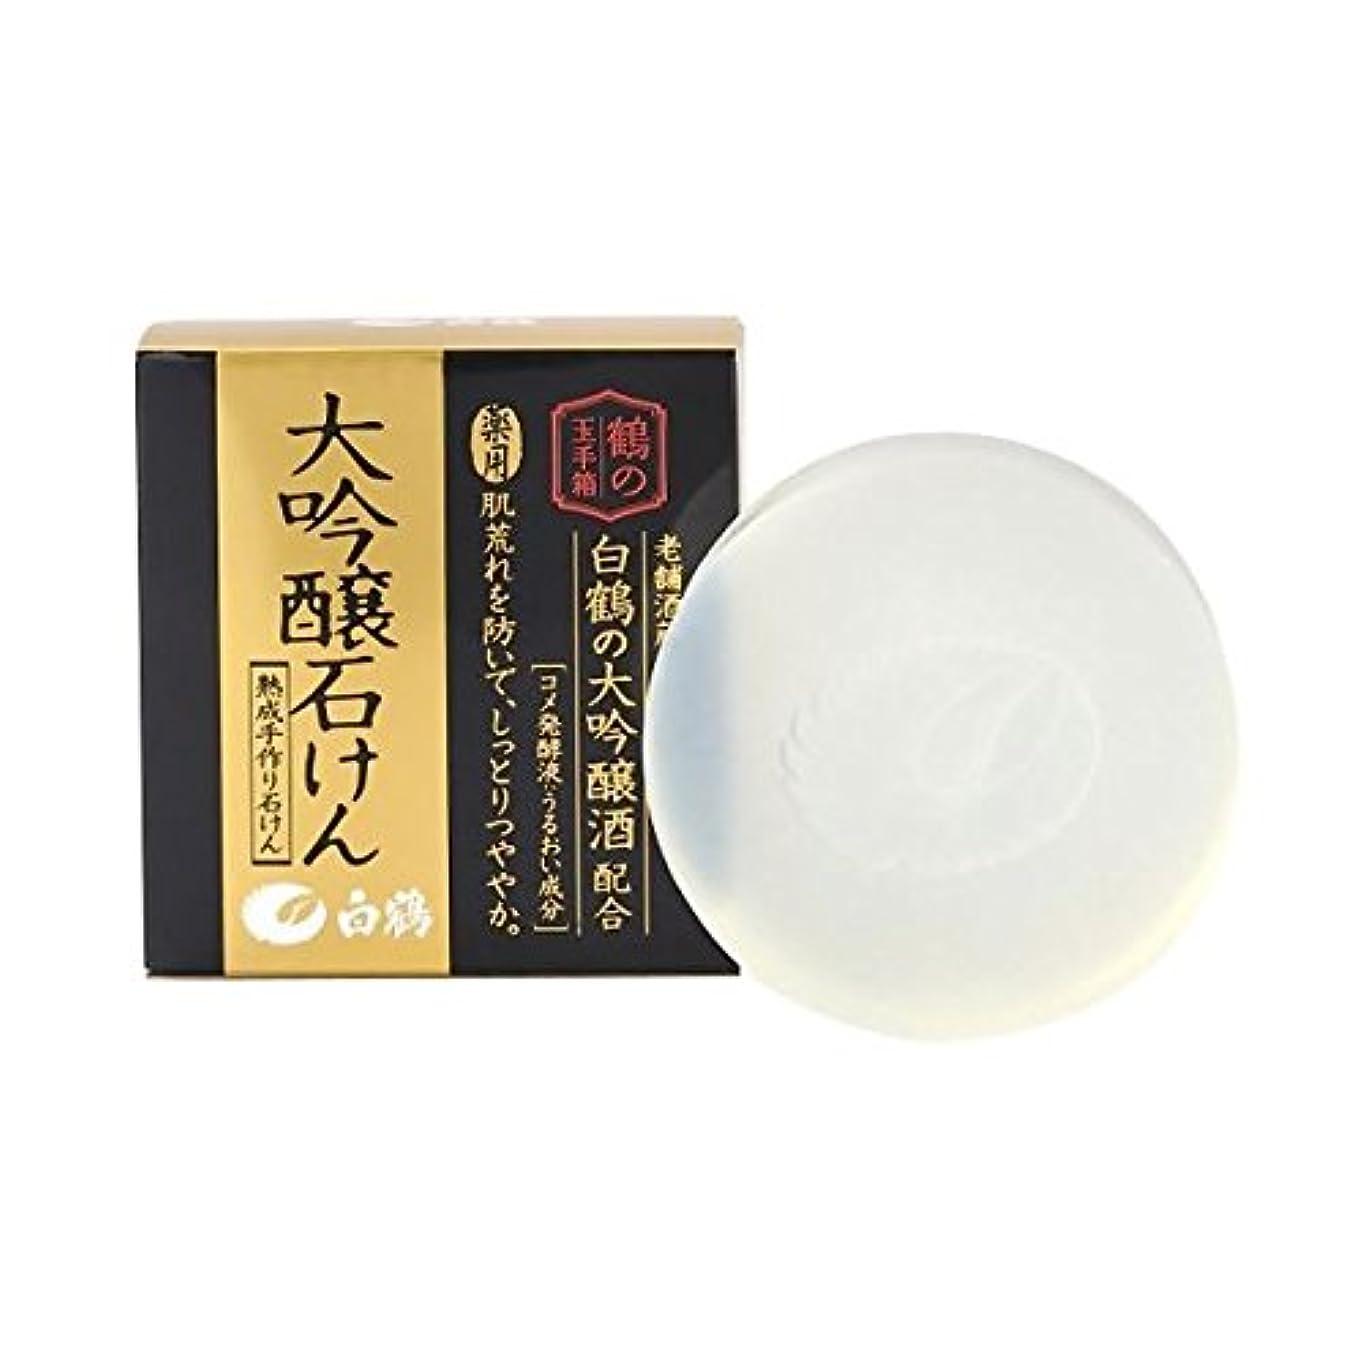 厄介な徴収連鎖白鶴 鶴の玉手箱 大吟醸石けん 100g × 3個 (薬用)(医薬部外品)